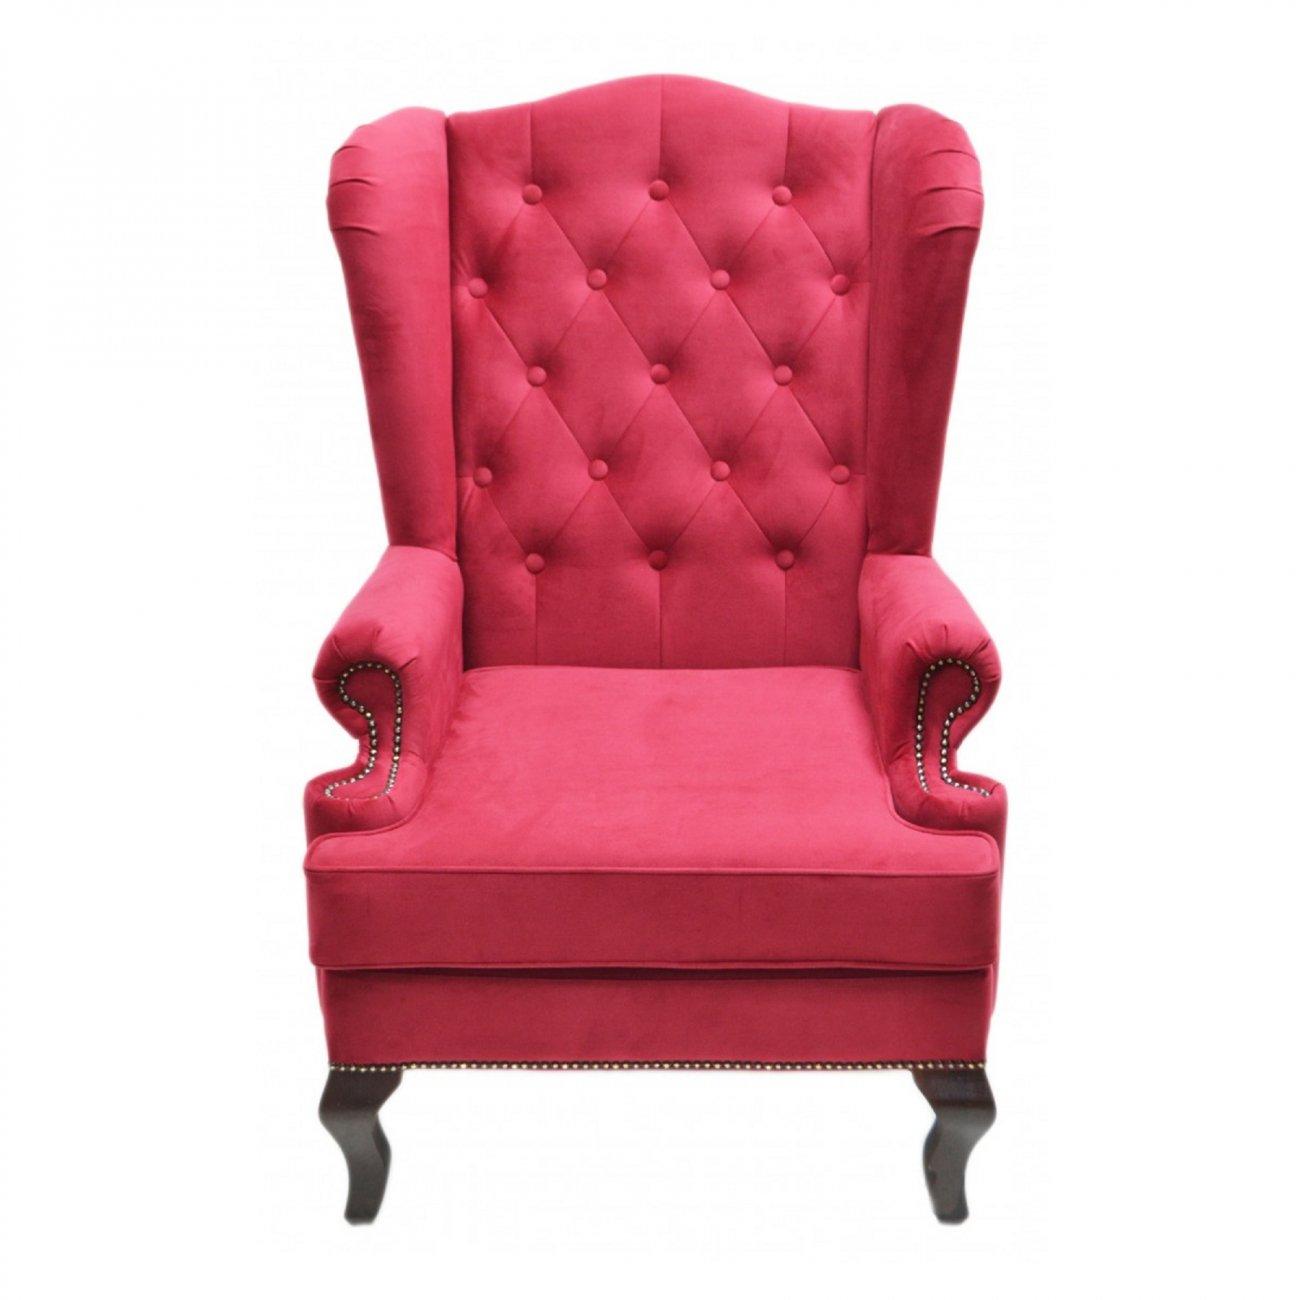 Купить Каминное кресло с ушами Велюр Красный в интернет магазине дизайнерской мебели и аксессуаров для дома и дачи